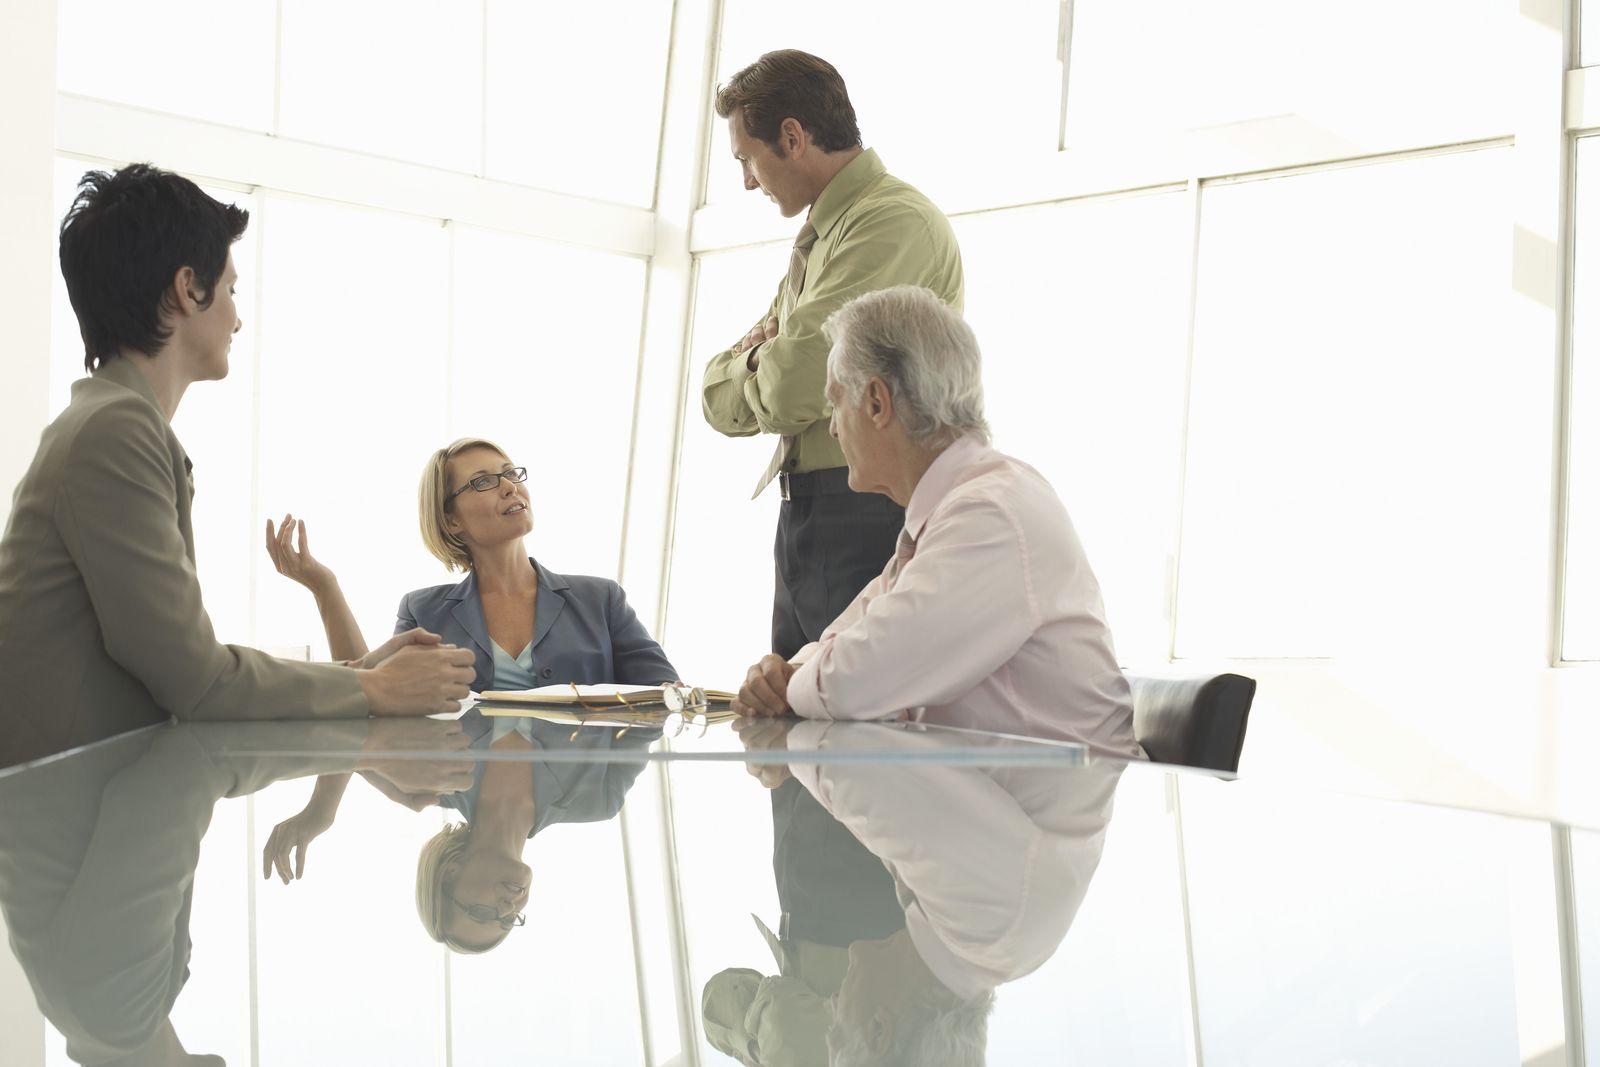 NICHT MEHR VERWENDEN! - Büro / Meeting / Besprechung